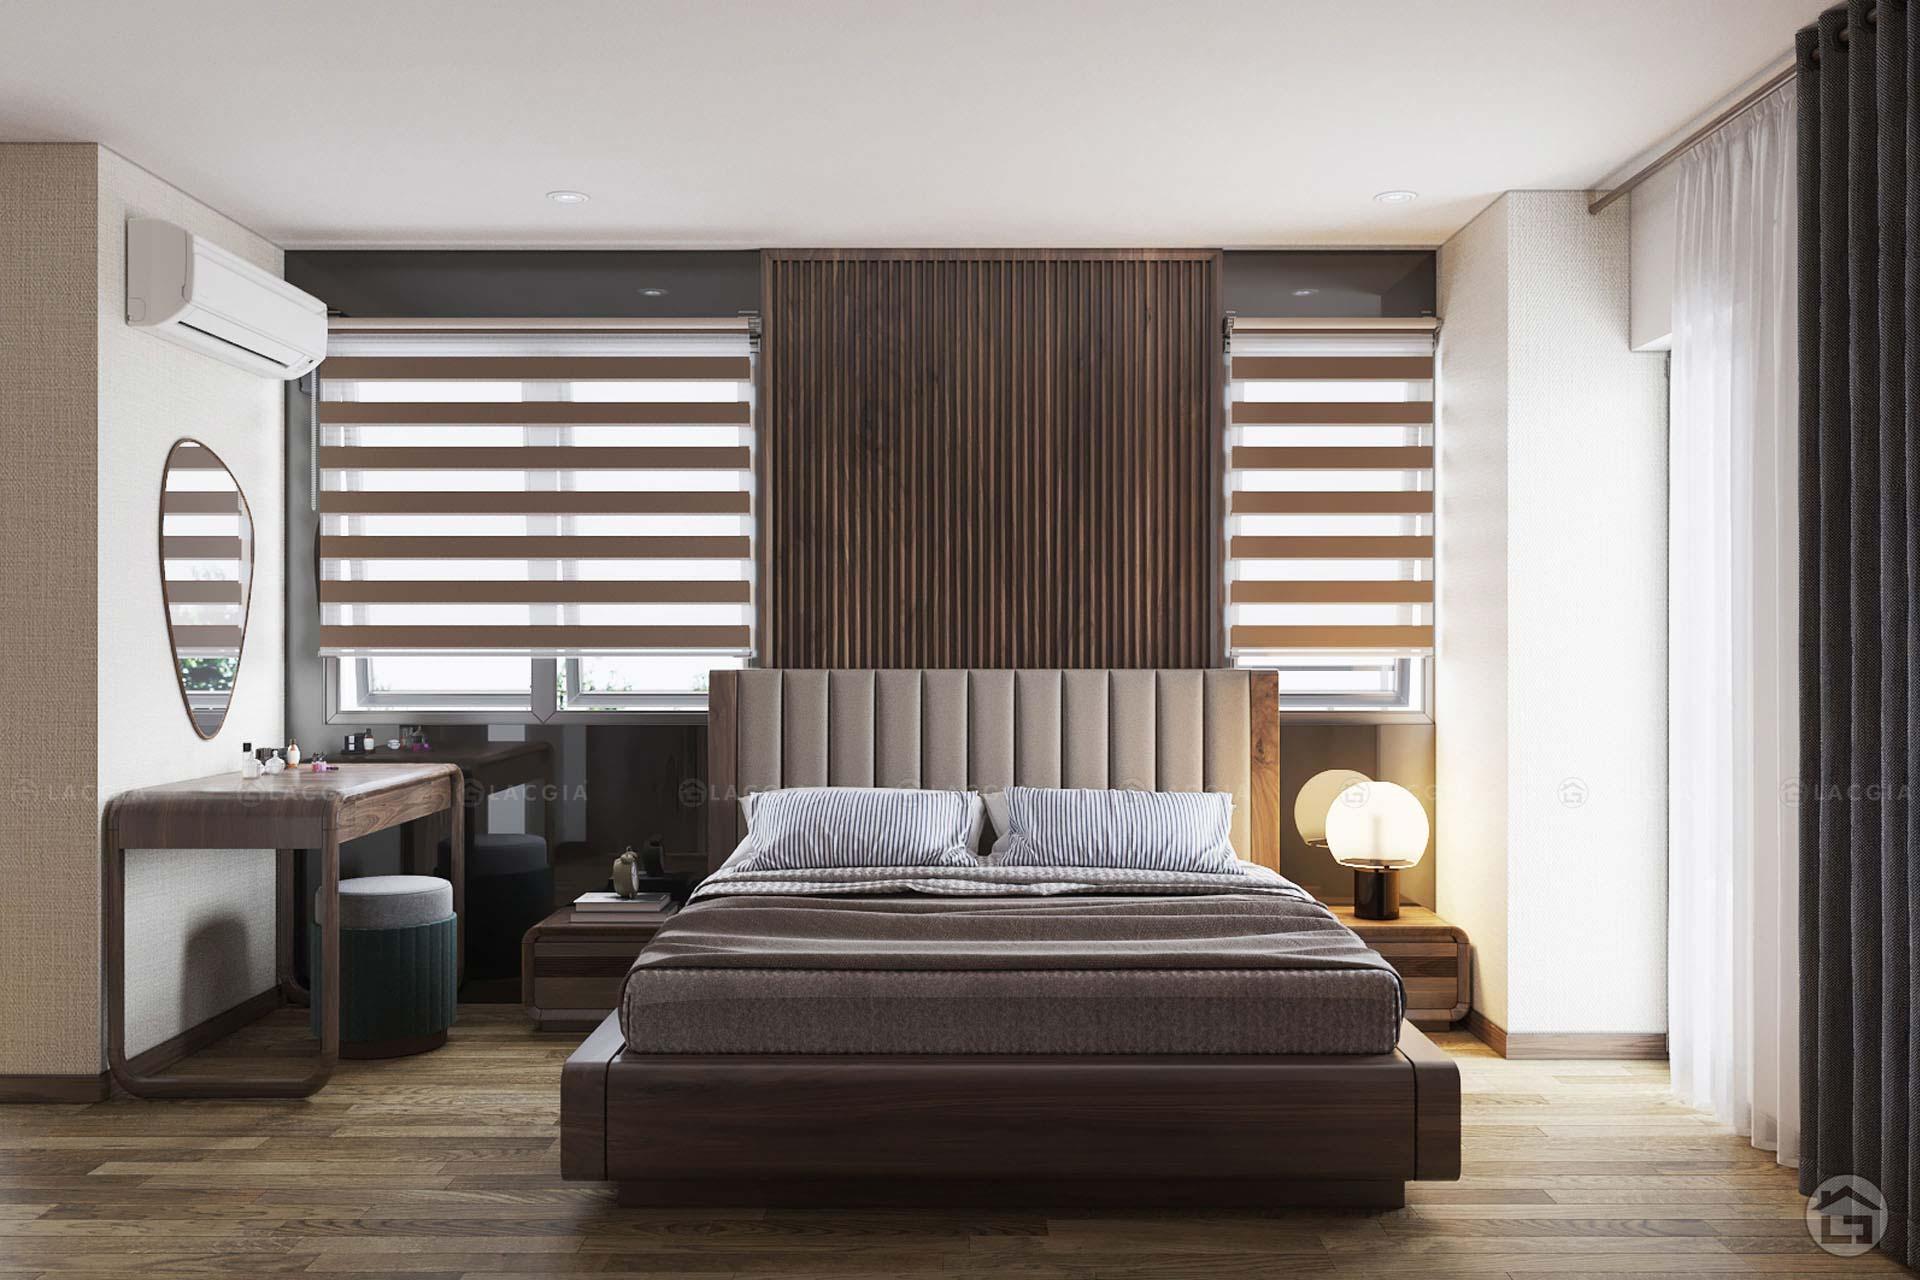 Sự đơn giản trong thiết kế nội thất bao giờ cũng đi kèm với sự tinh tế